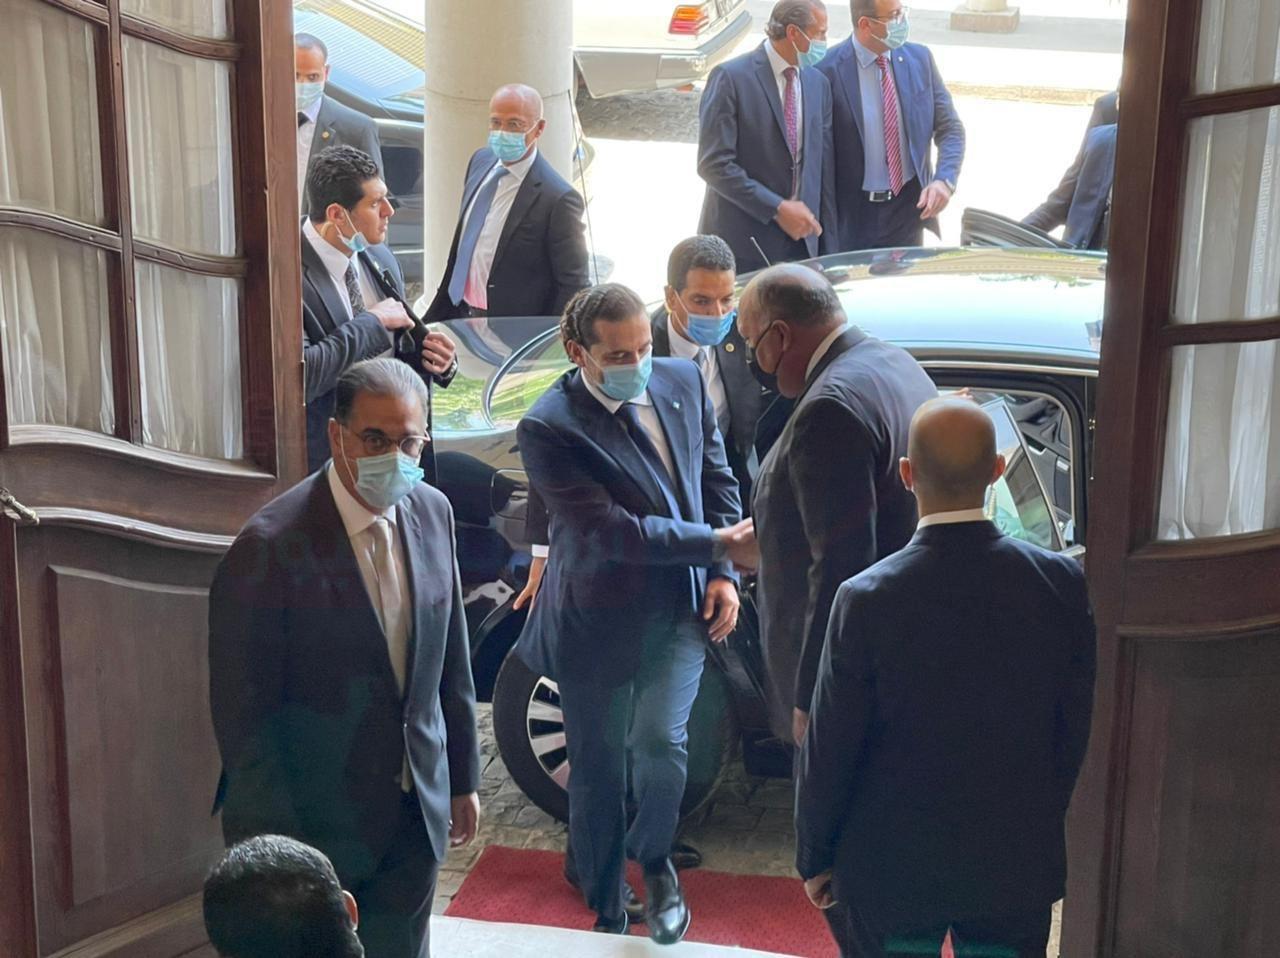 الصحف اللبنانية: مصر من أكثر الدول المنخرطة في جهود منع حدوث تداعيات خطيرة بلبنان